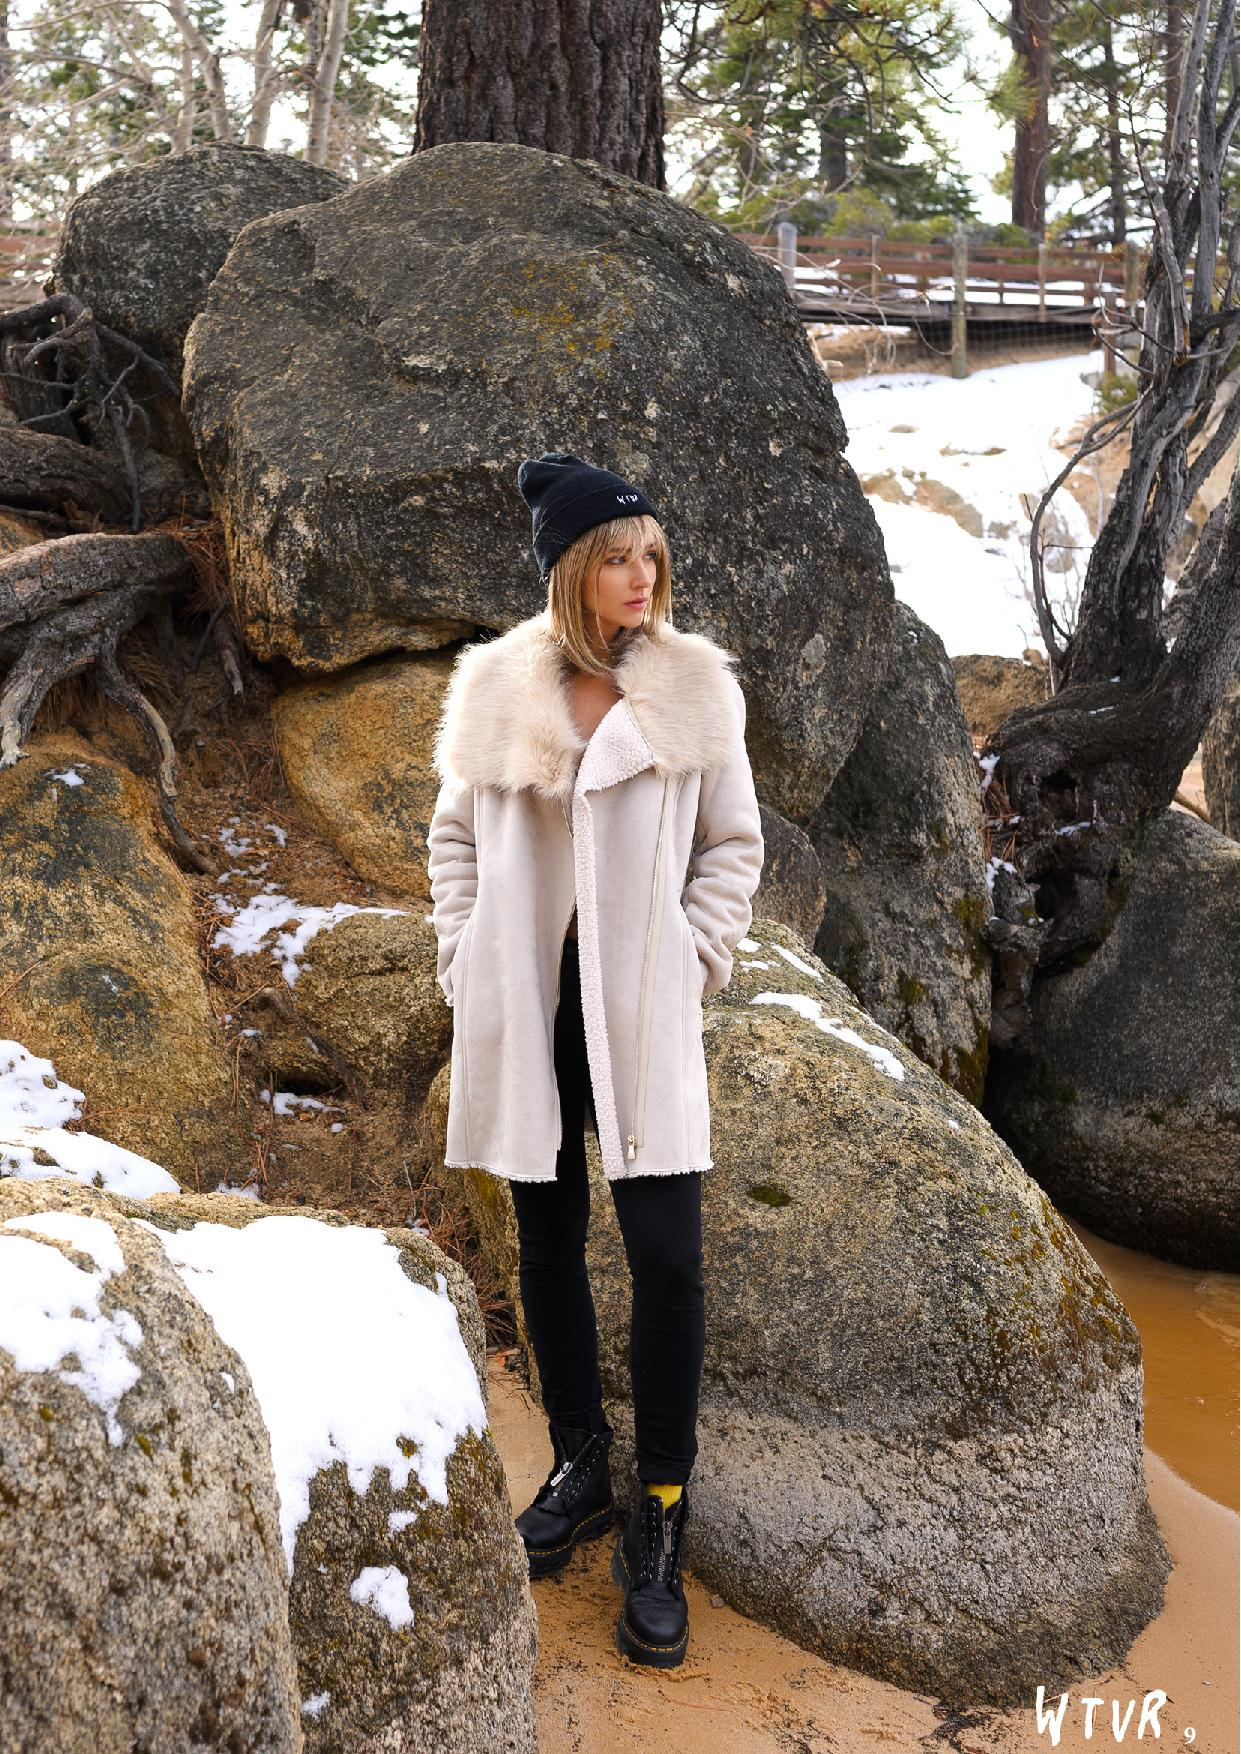 Rachel Cook, Alexis Rupp Nude – Wtvr Magazine №3 0007